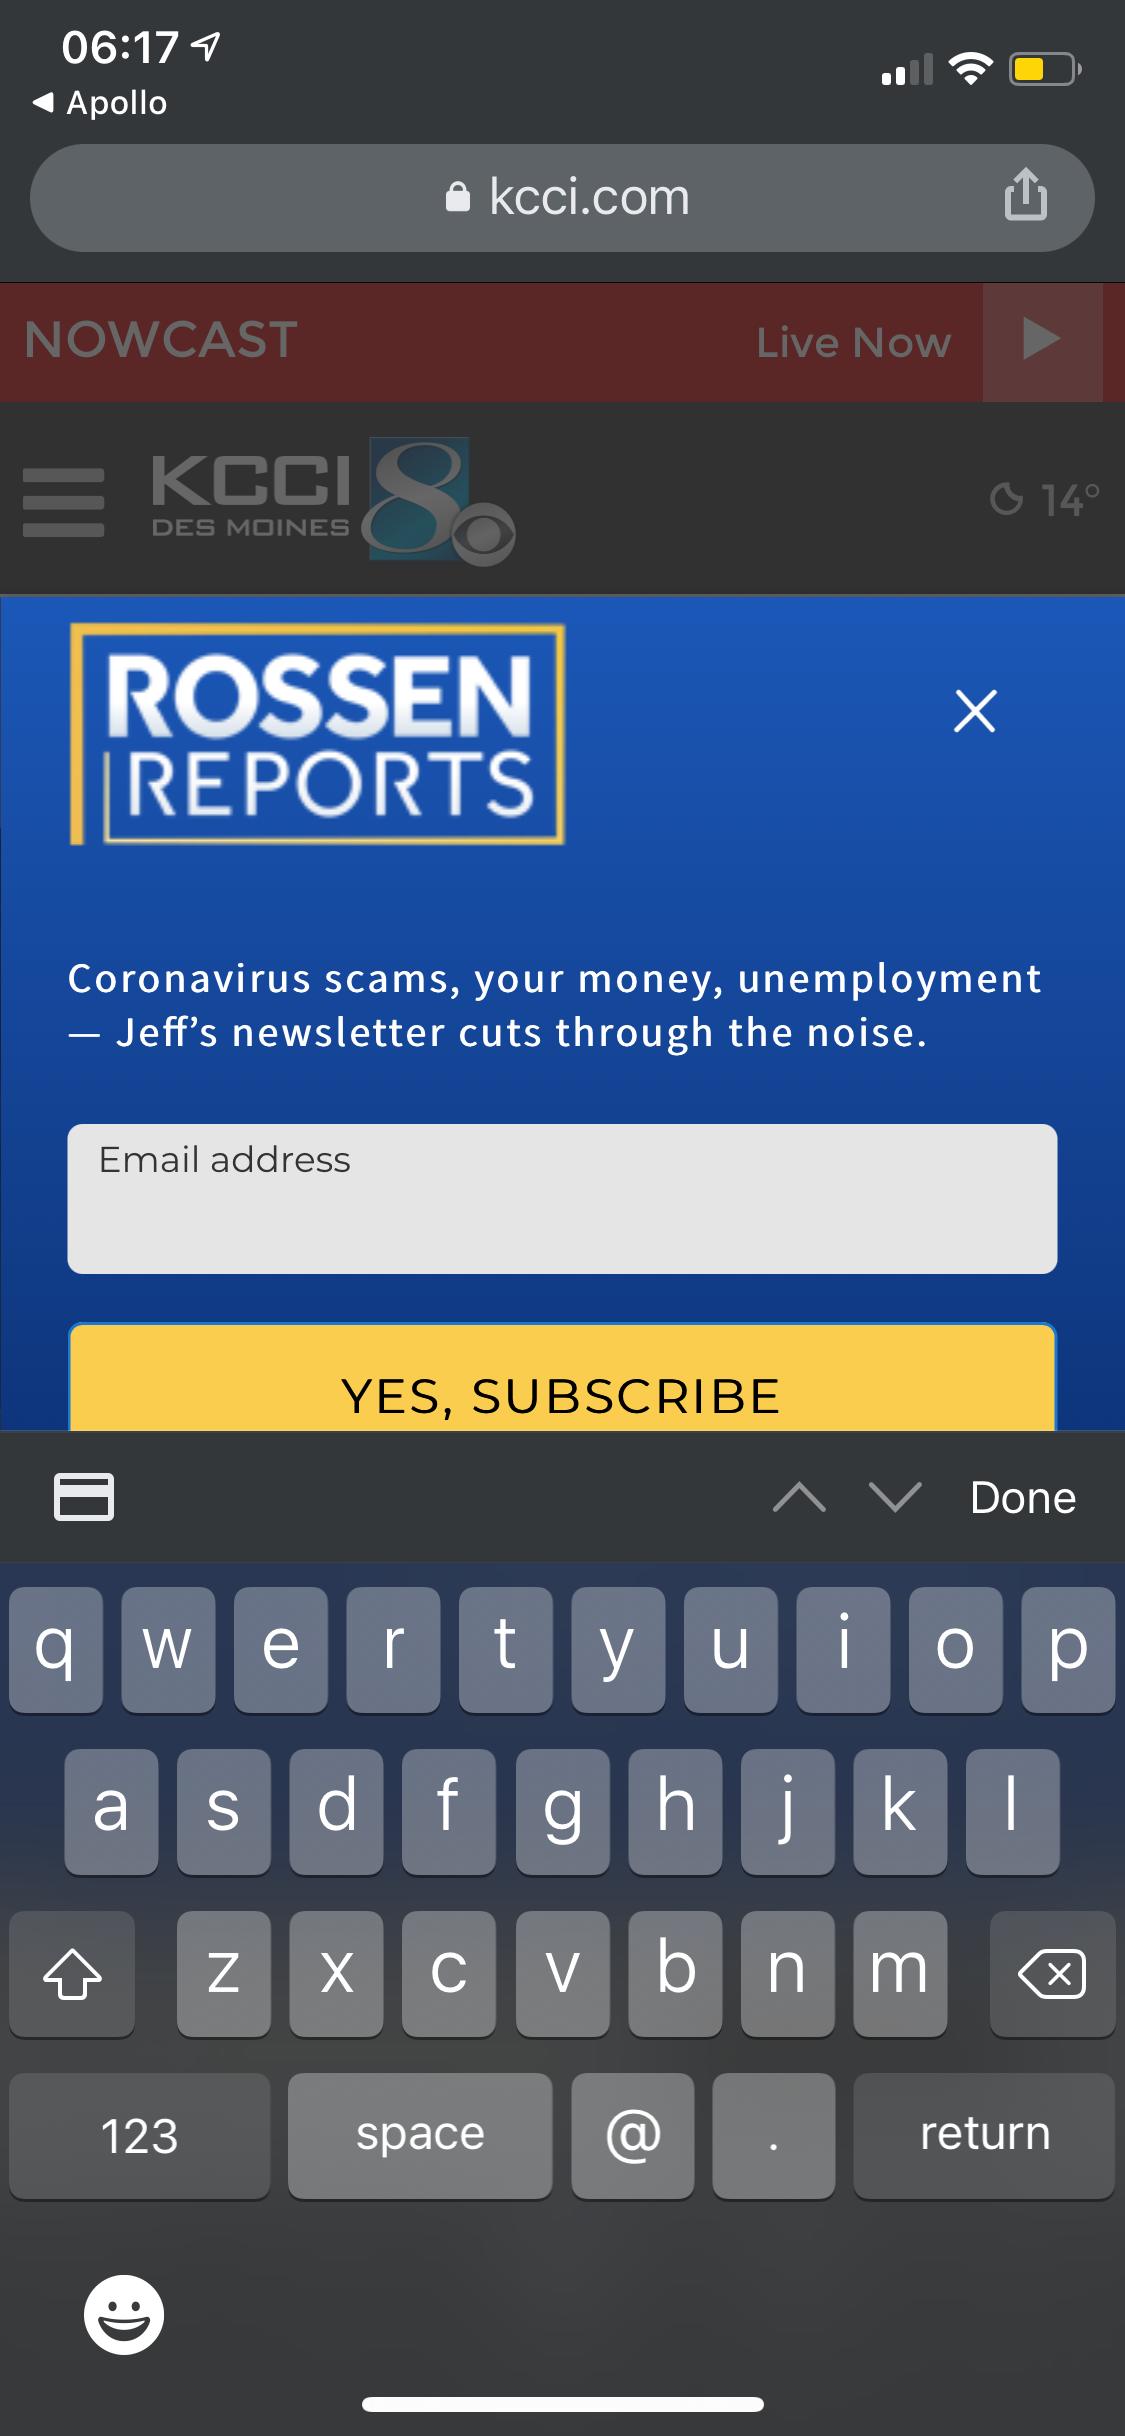 The DSM Register's Website is a Crock of Shit - Screenshot 1